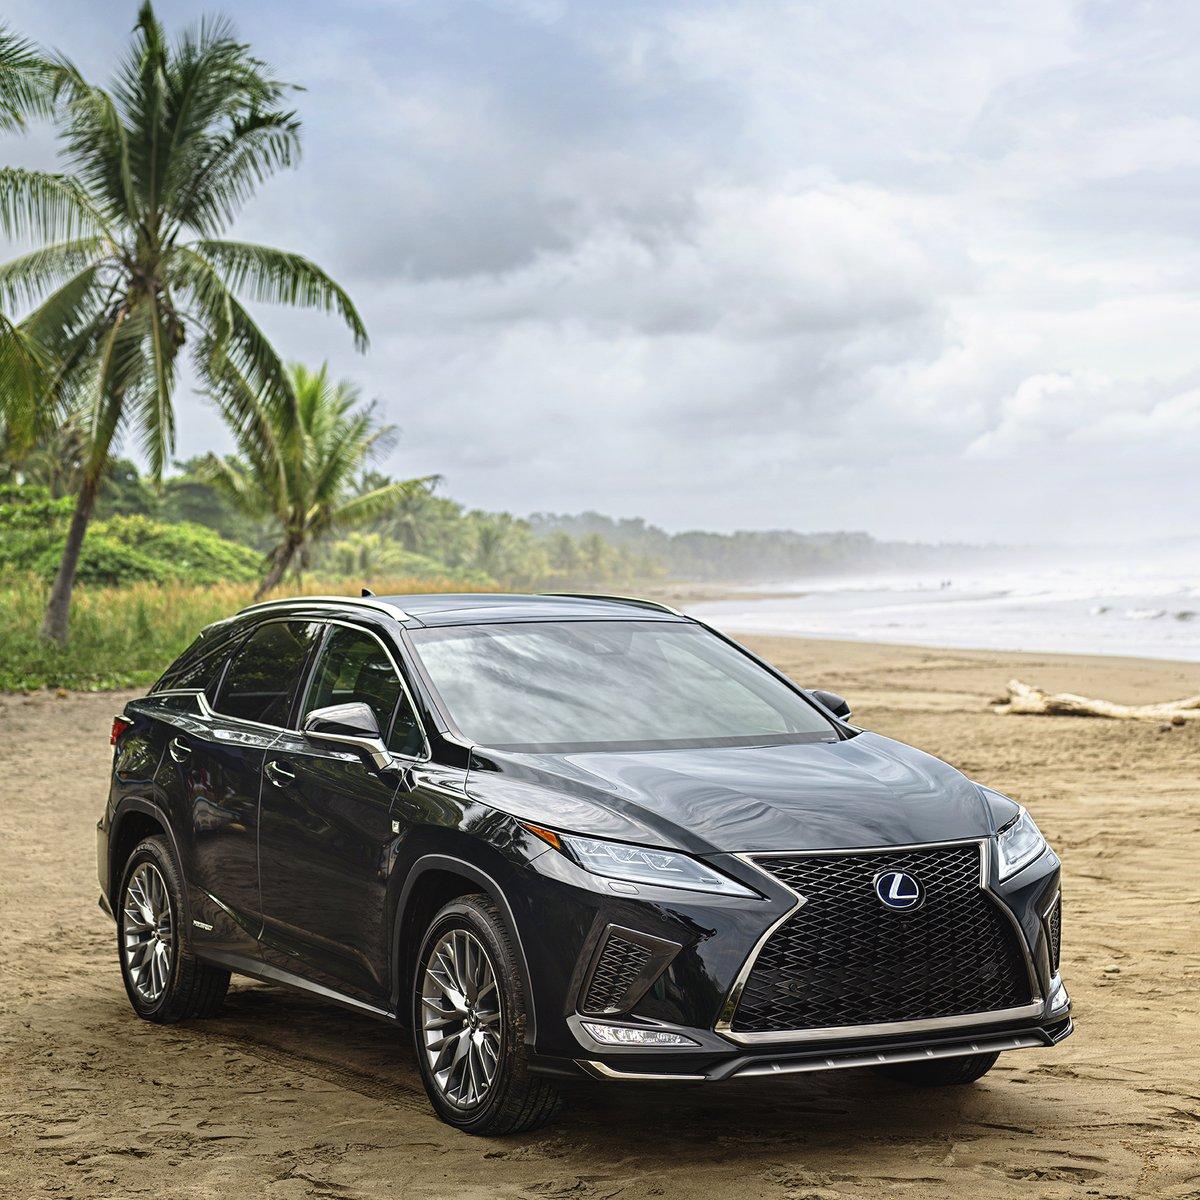 El verano encierra nuevas aventuras y para vivirlas necesitas un excelente vehículo. El estilo, la elegancia y el dinamismo de la #LexusRX son el complemento perfecto. #ExperienceAmazing #LexusDriver #Summer2020 #Verano2020 https://t.co/2u0iMZvruR